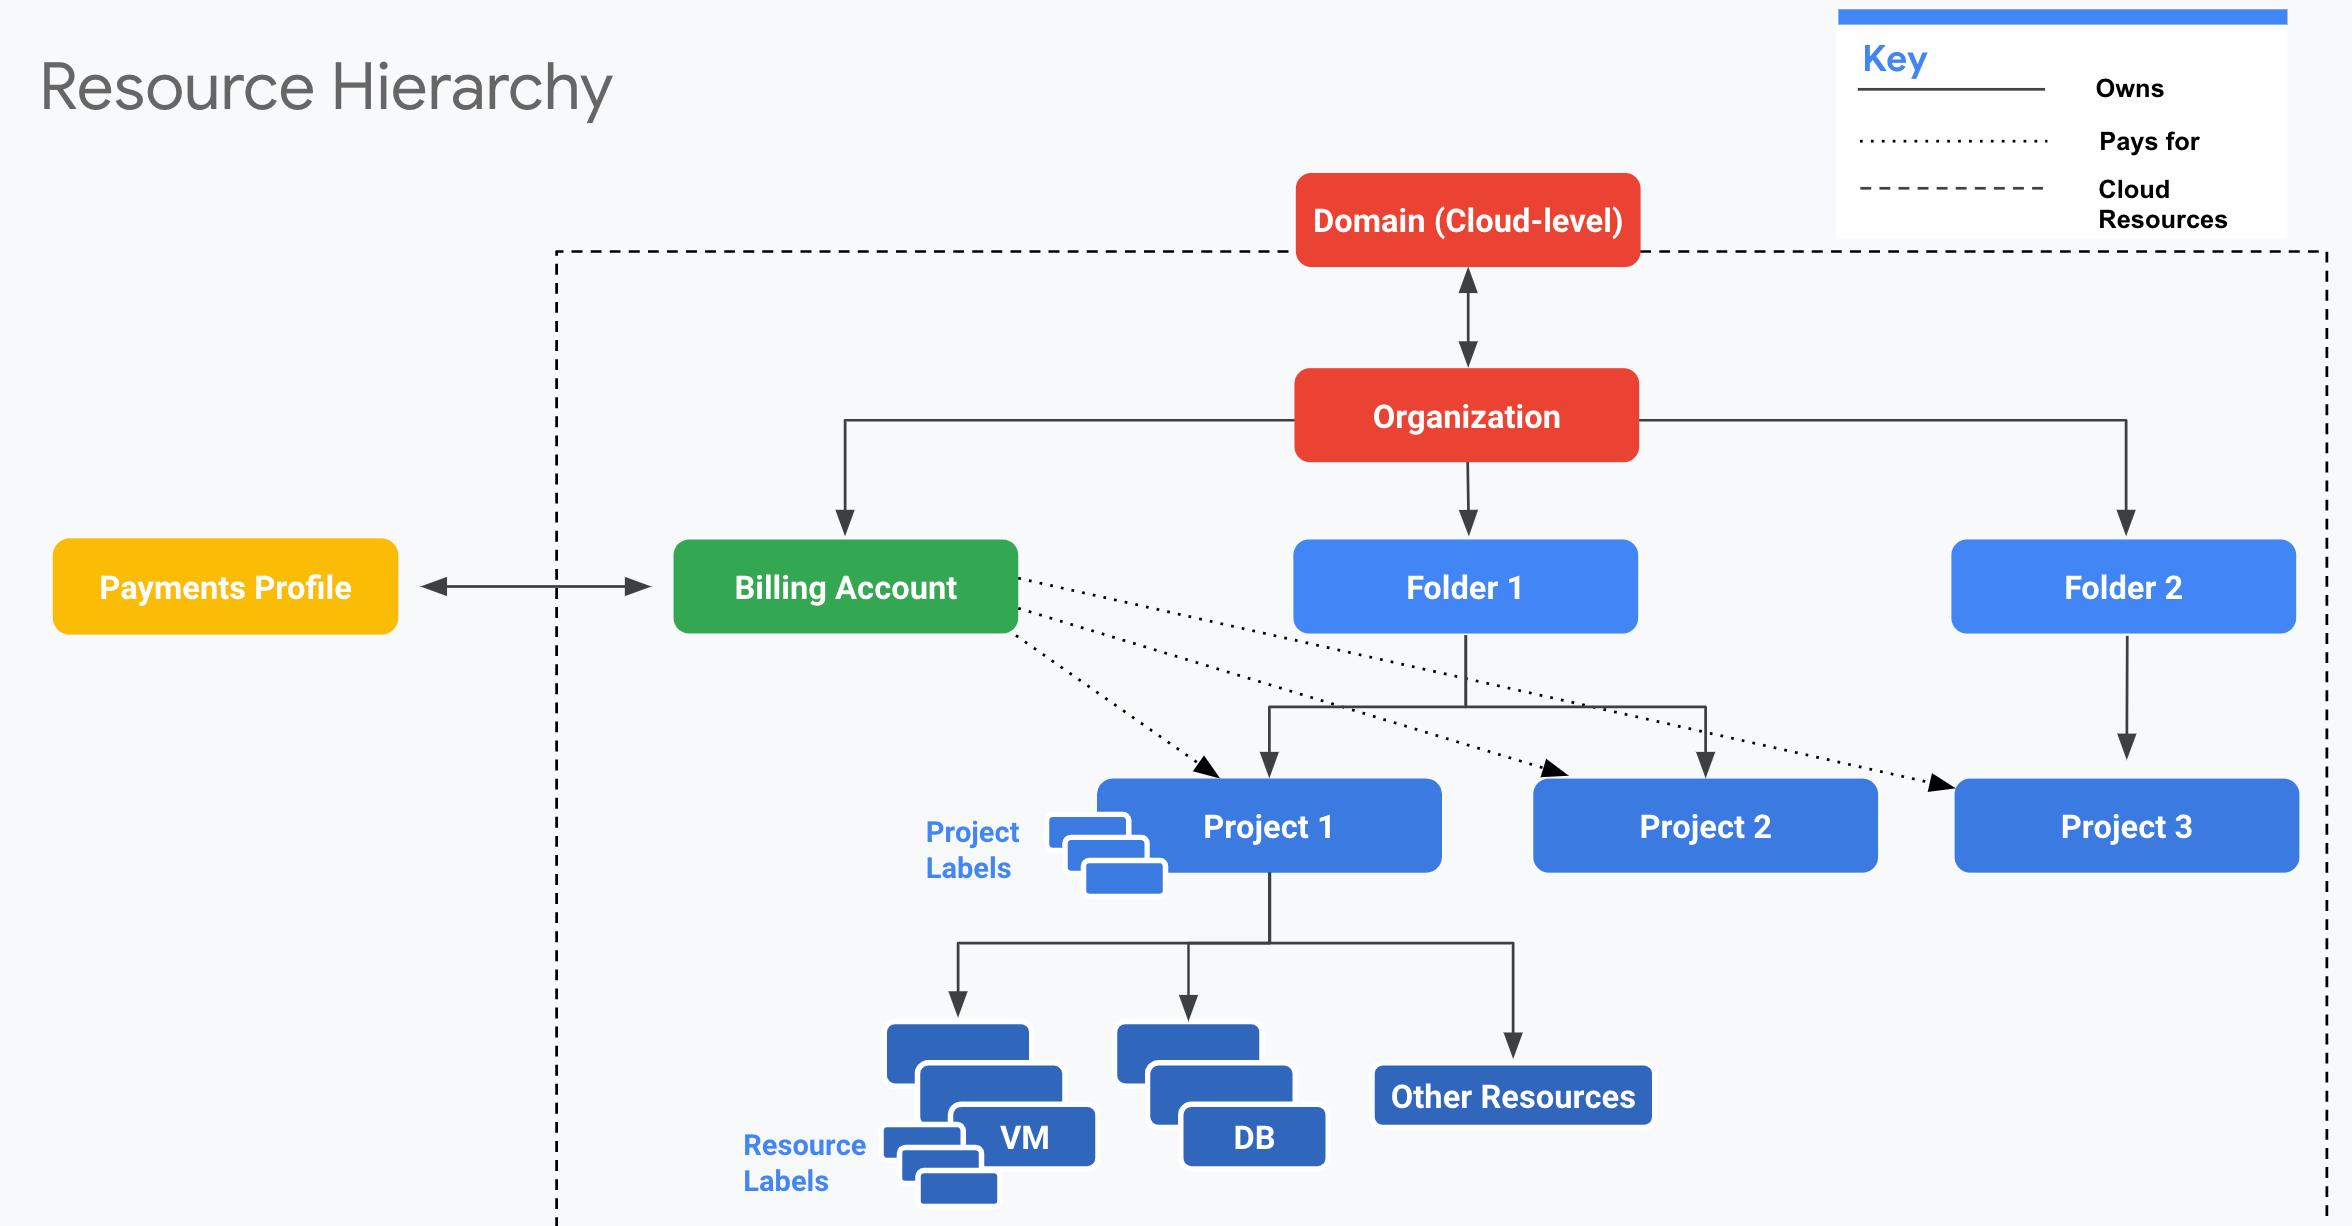 资源层次结构示例显示了管理 Google Cloud 帐号所涉及的核心帐号级资源,以及它们与您的 Cloud Billing 帐号和付款资料的关系。